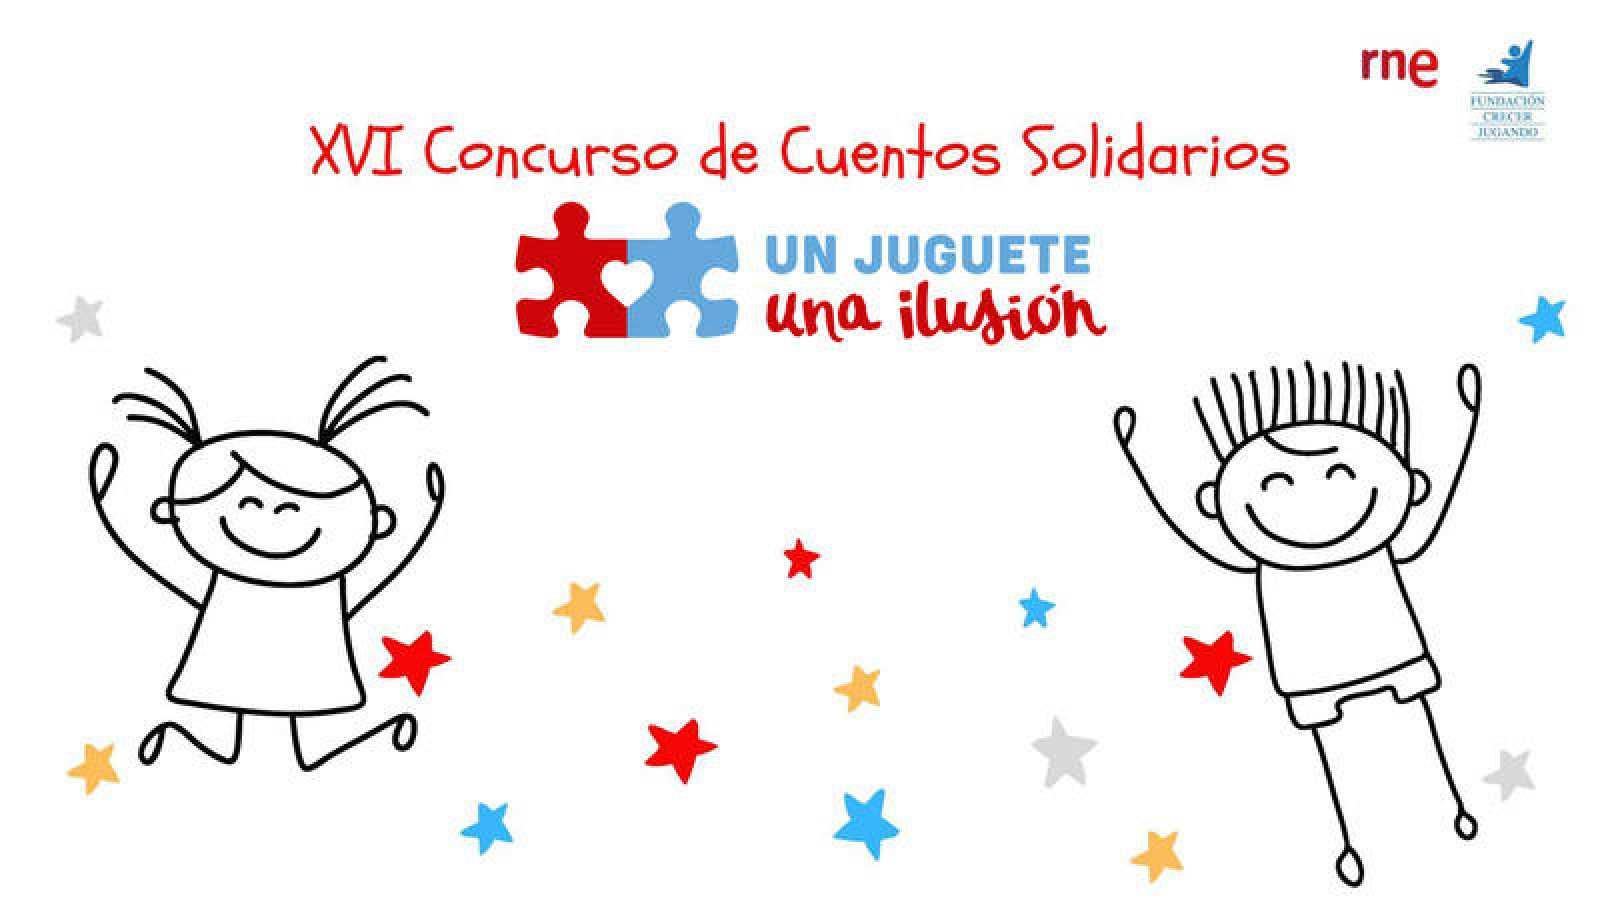 XVI Concurso de Cuentos Solidarios de 'Un juguete, una ilusión'.